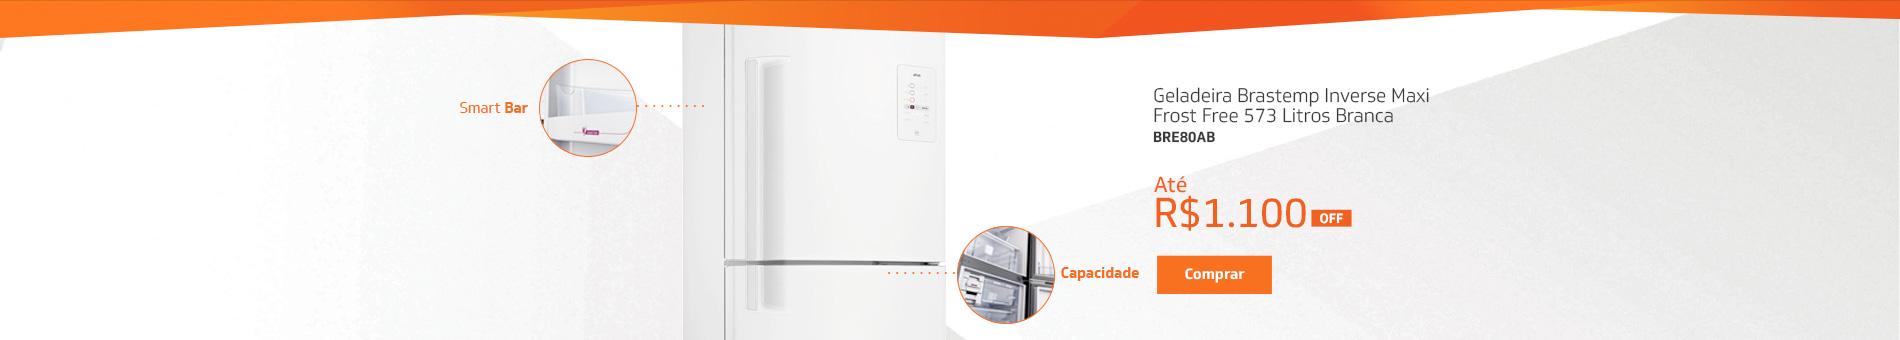 Promoção Interna - 601 - especialrefrigeracao_BRE80AB_home3_26072016 - BRE80AB - 3